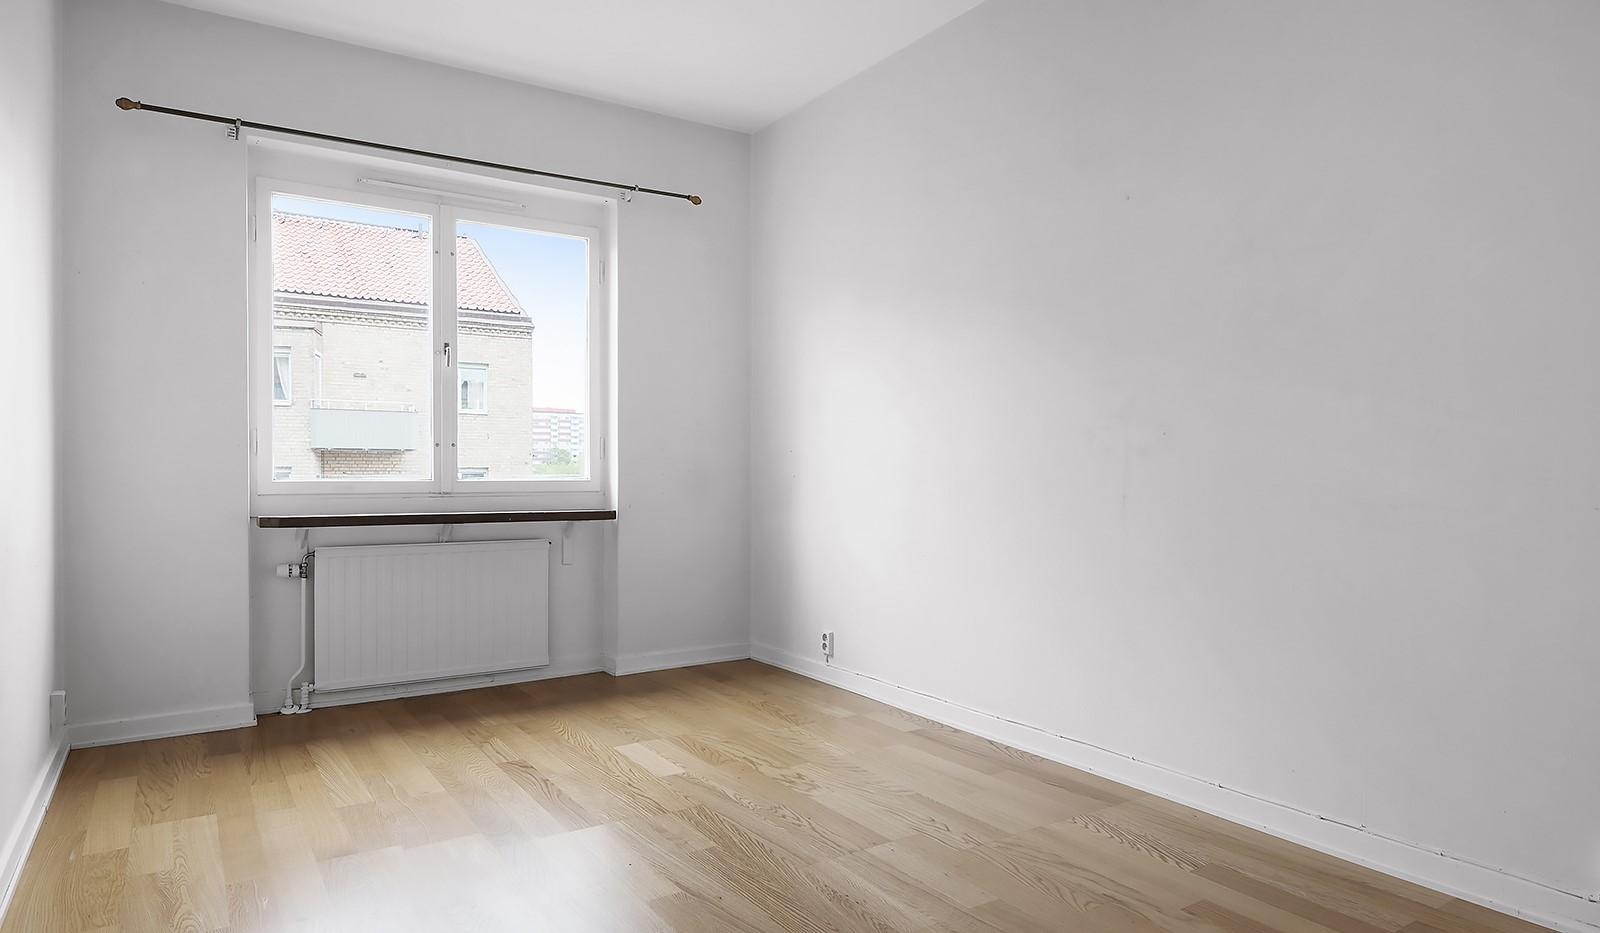 Wennerbergsgatan 6B, 5 tr - Rymligt sovrum med plats för större säng